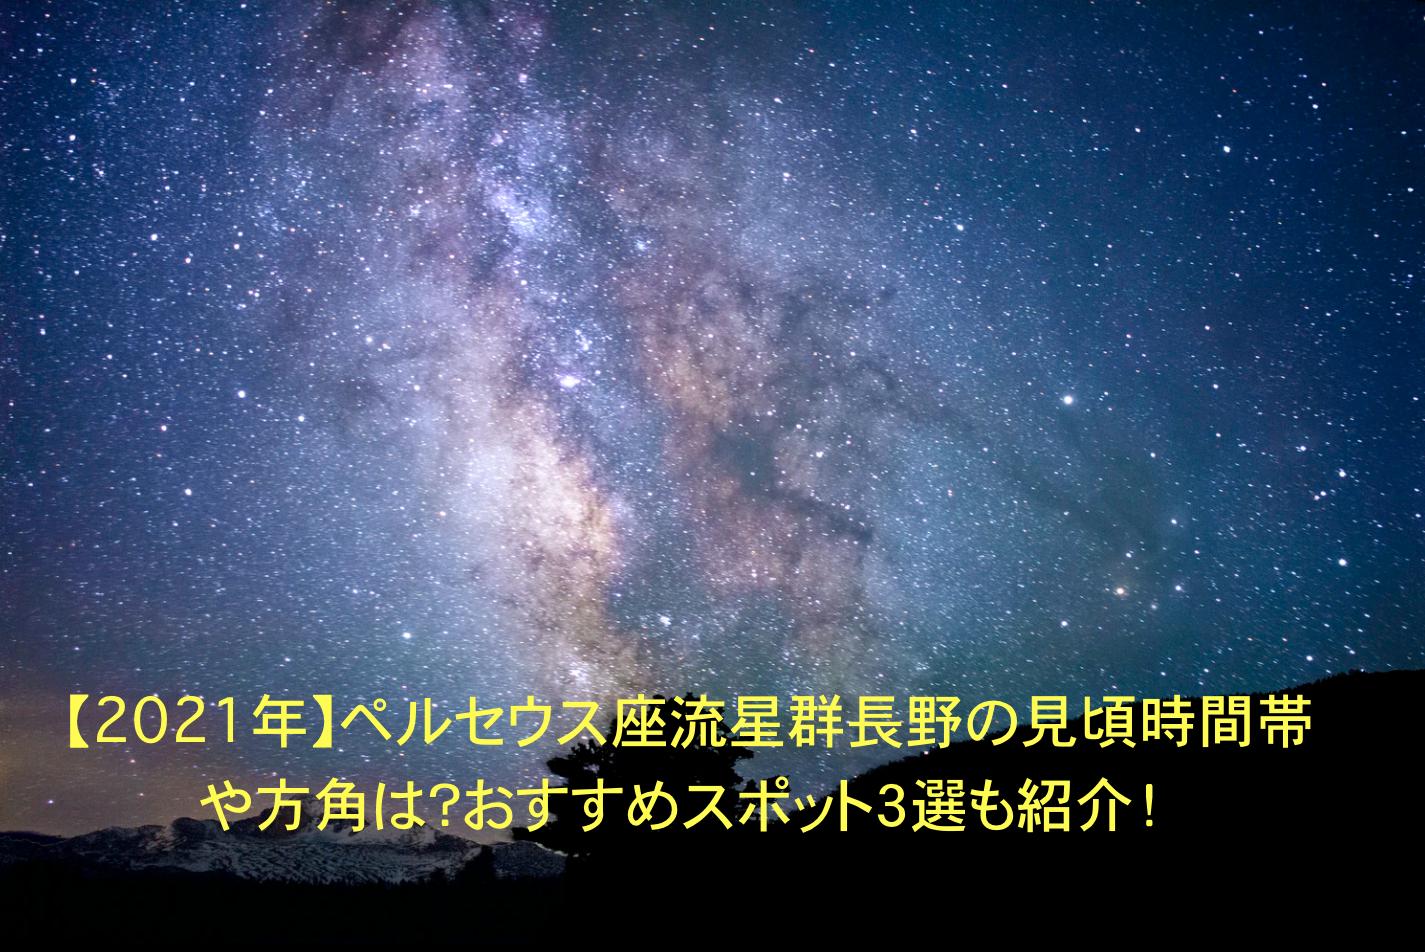 ペルセウス座流星群 長野 見頃時間帯 方角 おすすめスポット